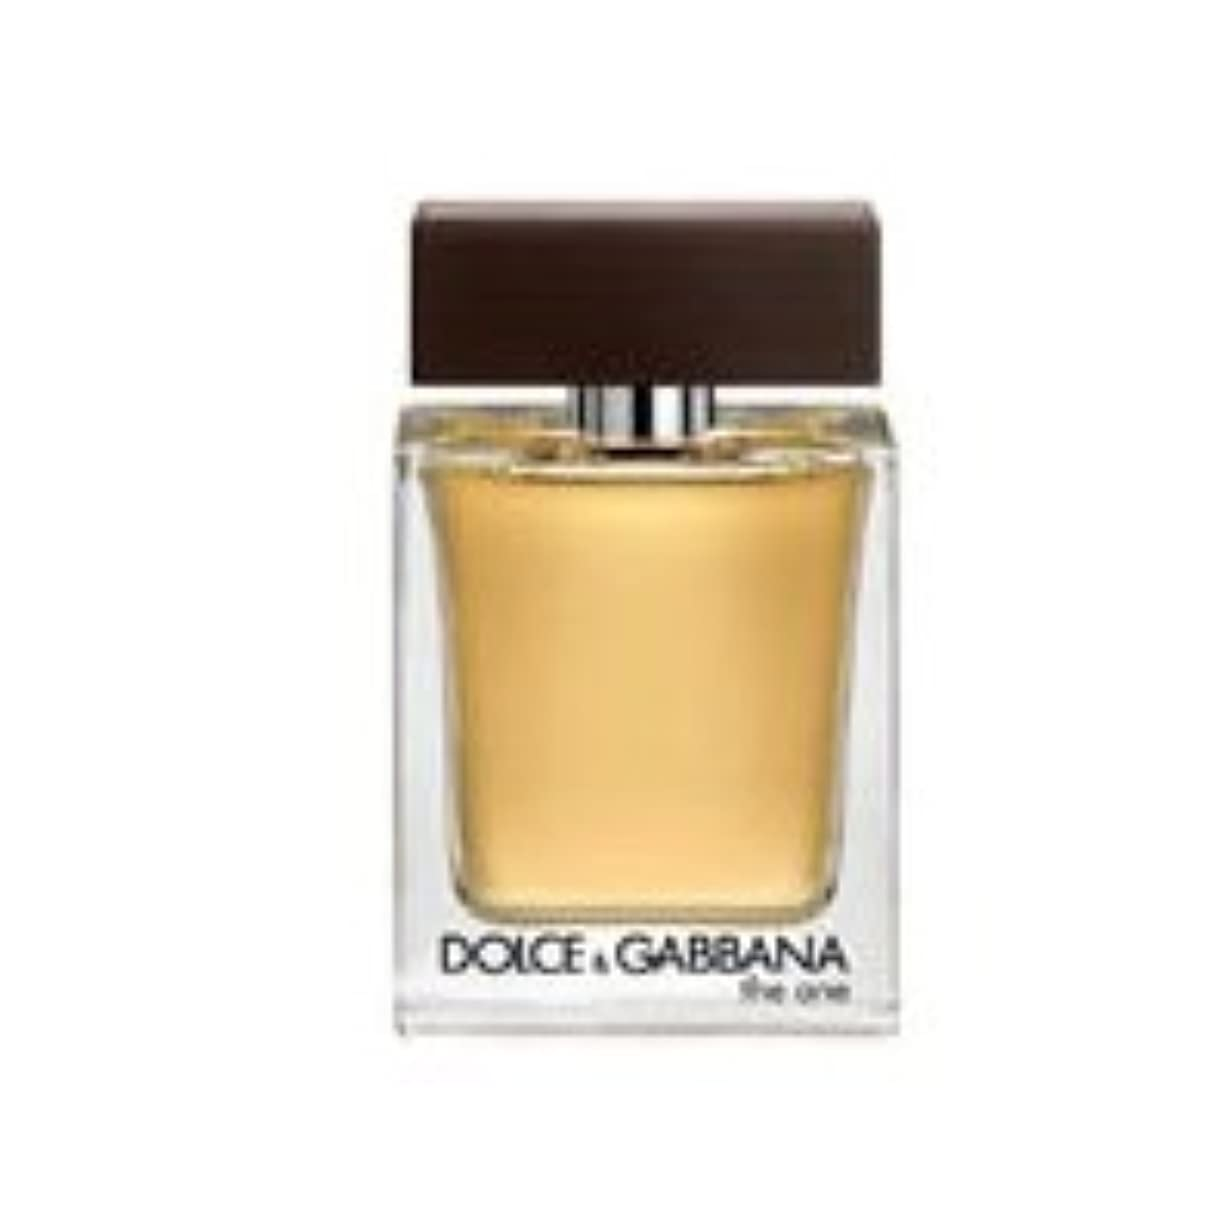 ドルチェ&ガッバーナ(Dolce&Gabbana) ザ?ワン フォーメン EDT/SP(30ml)[並行輸入品]